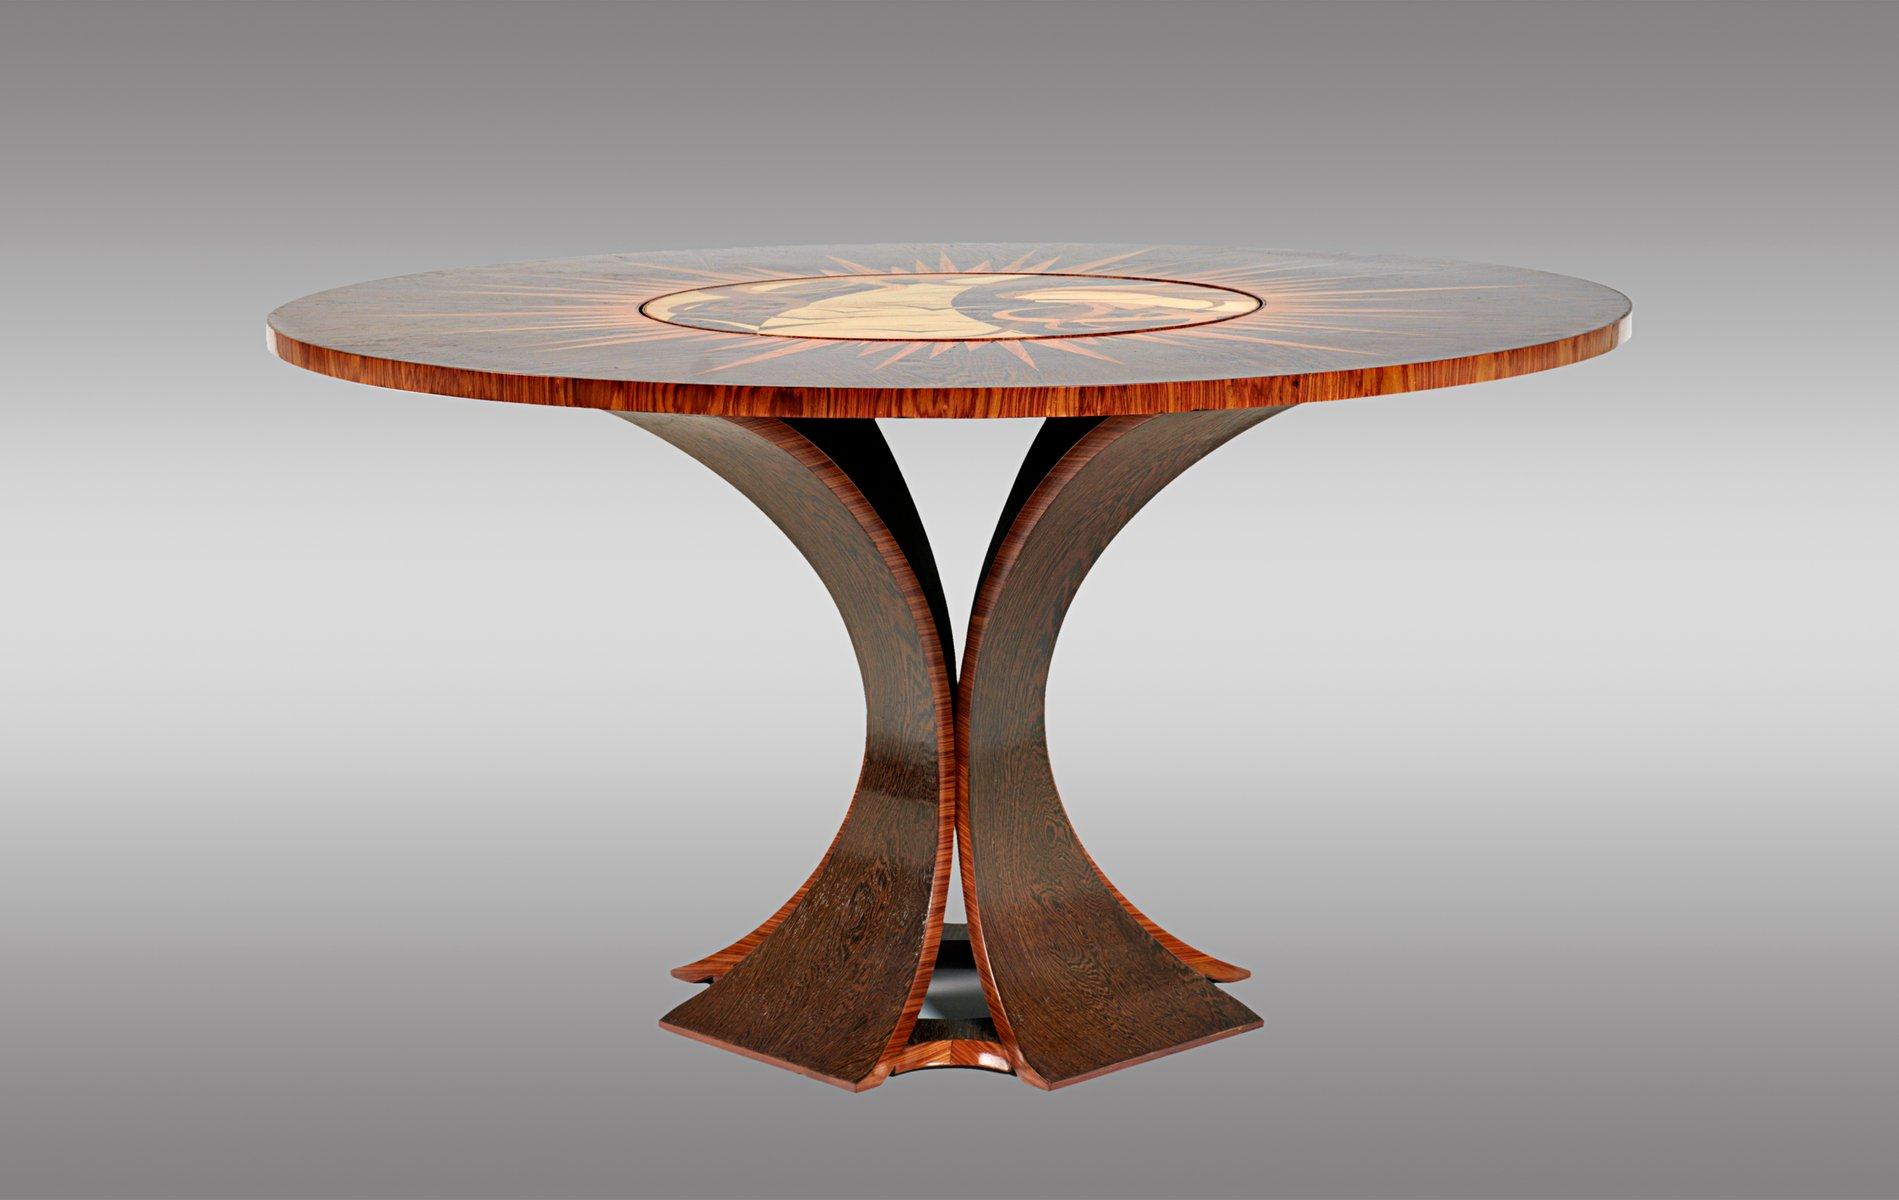 Palmenholz & Palisander Tisch mit Drehbarer Mitte, 1970